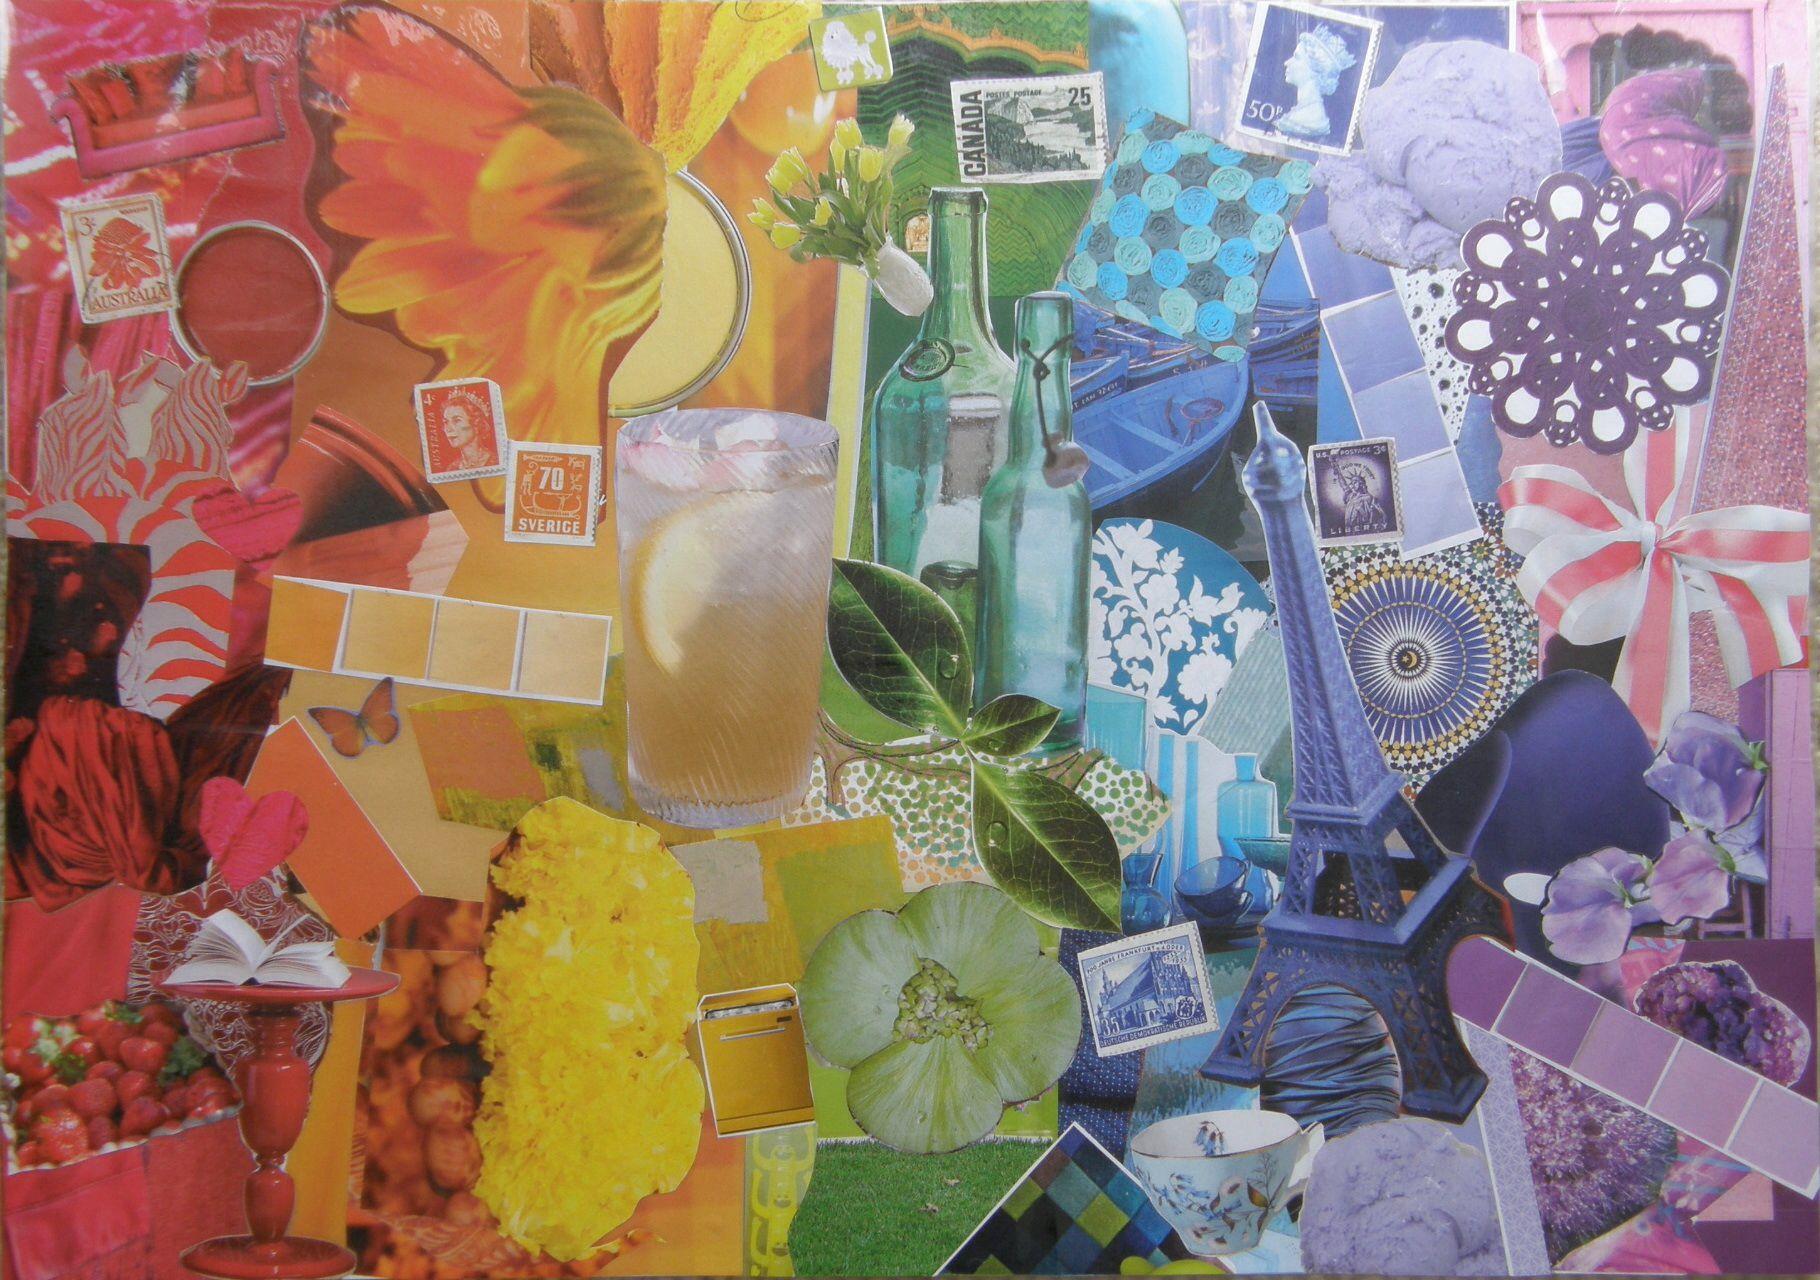 Colour Spectrum Magazine Collage